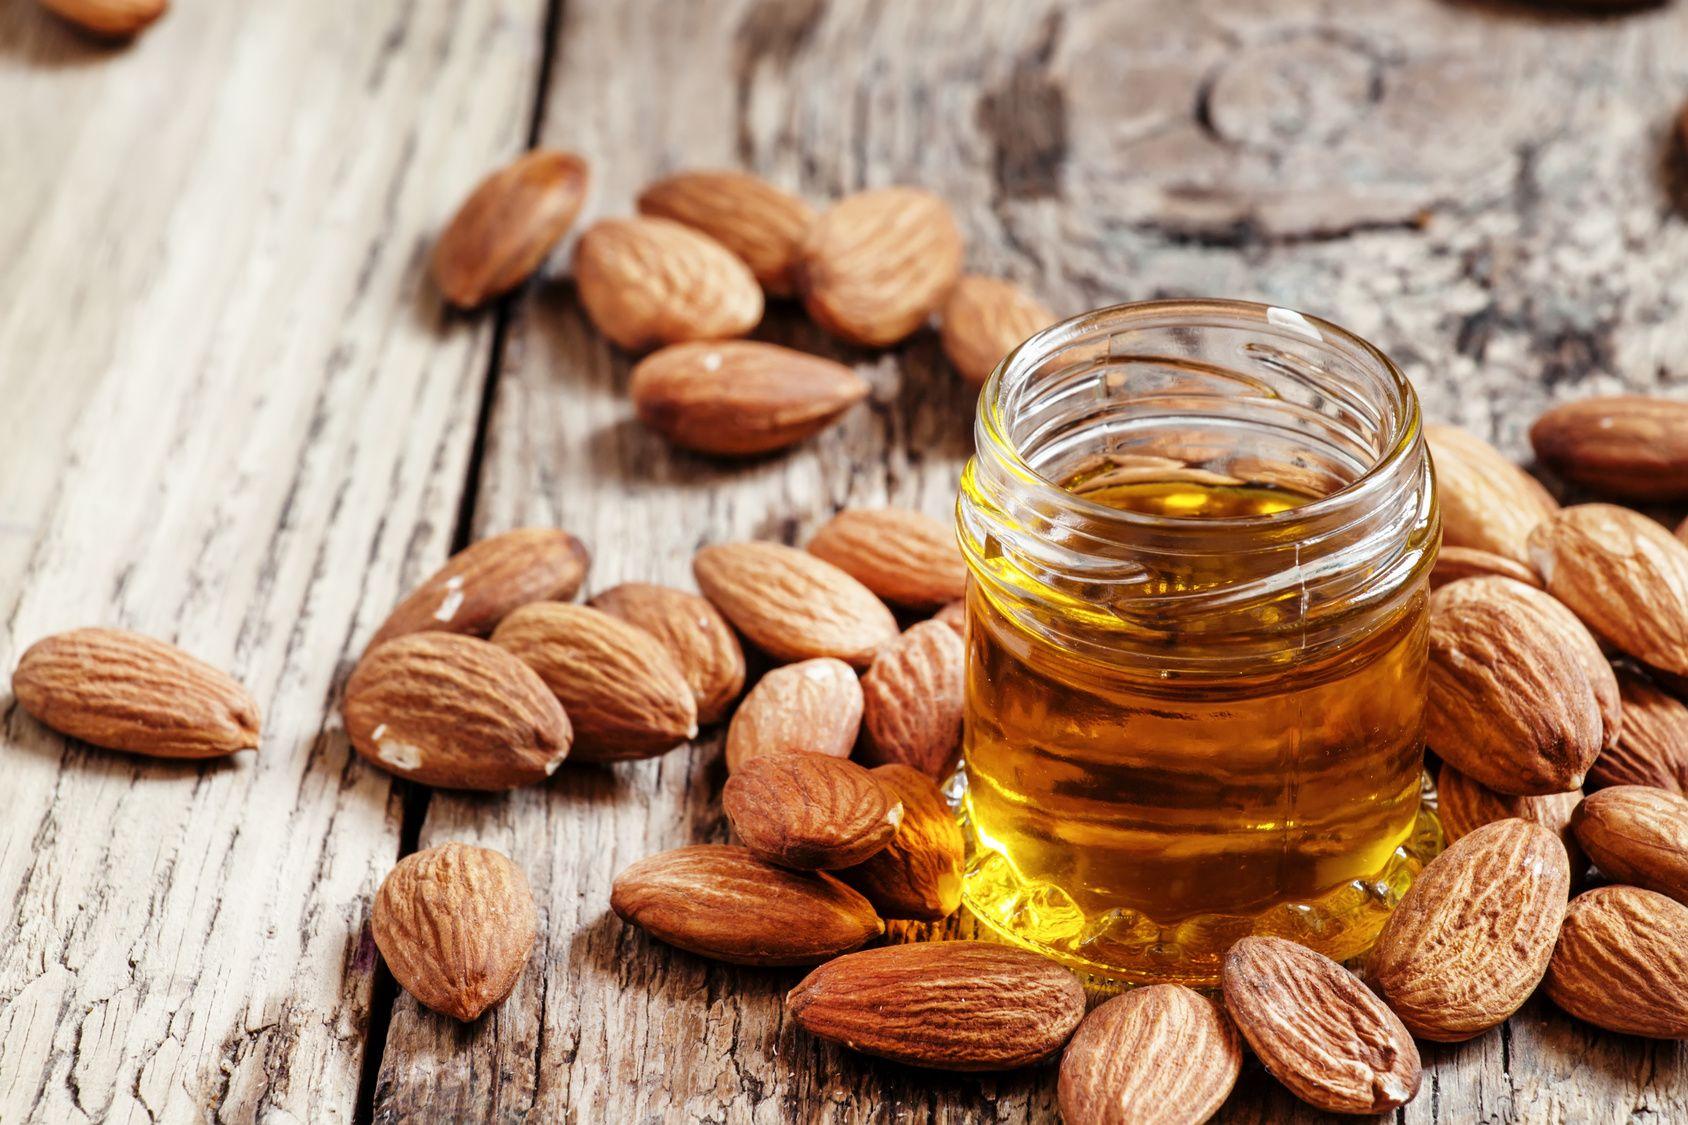 فوائد زيت اللوز الحلو للبشرة الشعر والجسم